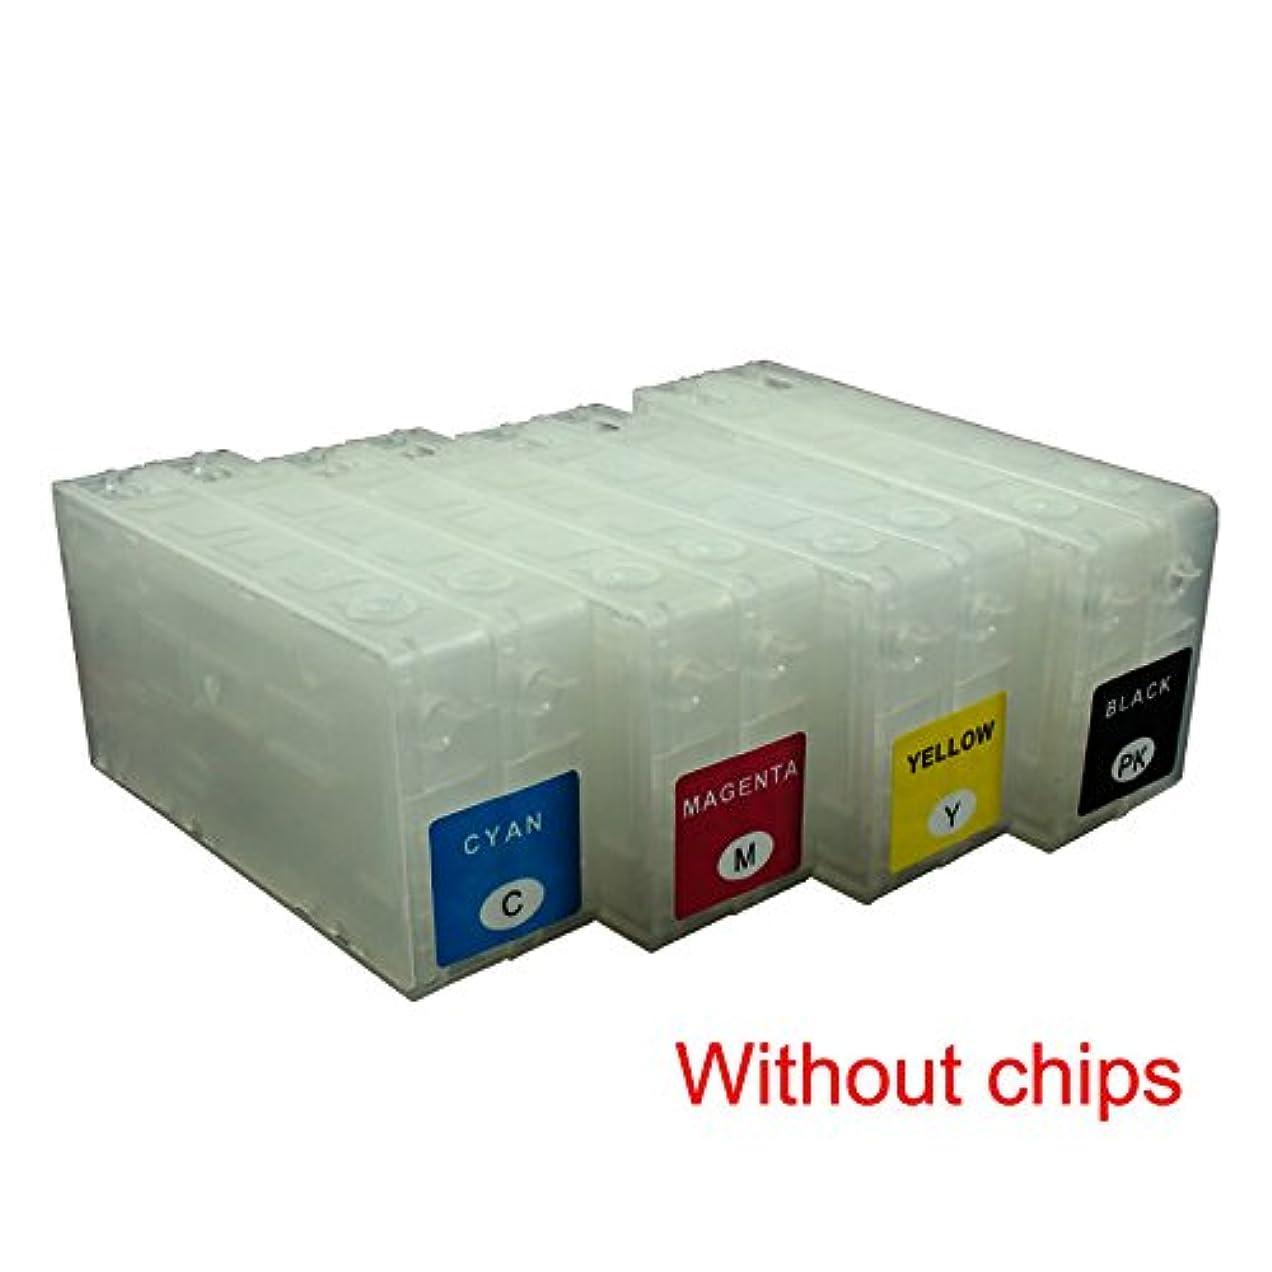 リンケージモザイク超音速ceye non-oem詰め替え可能インクカートリッジキットfor Epson tm-c3500?tc-c3520?sjic22p空